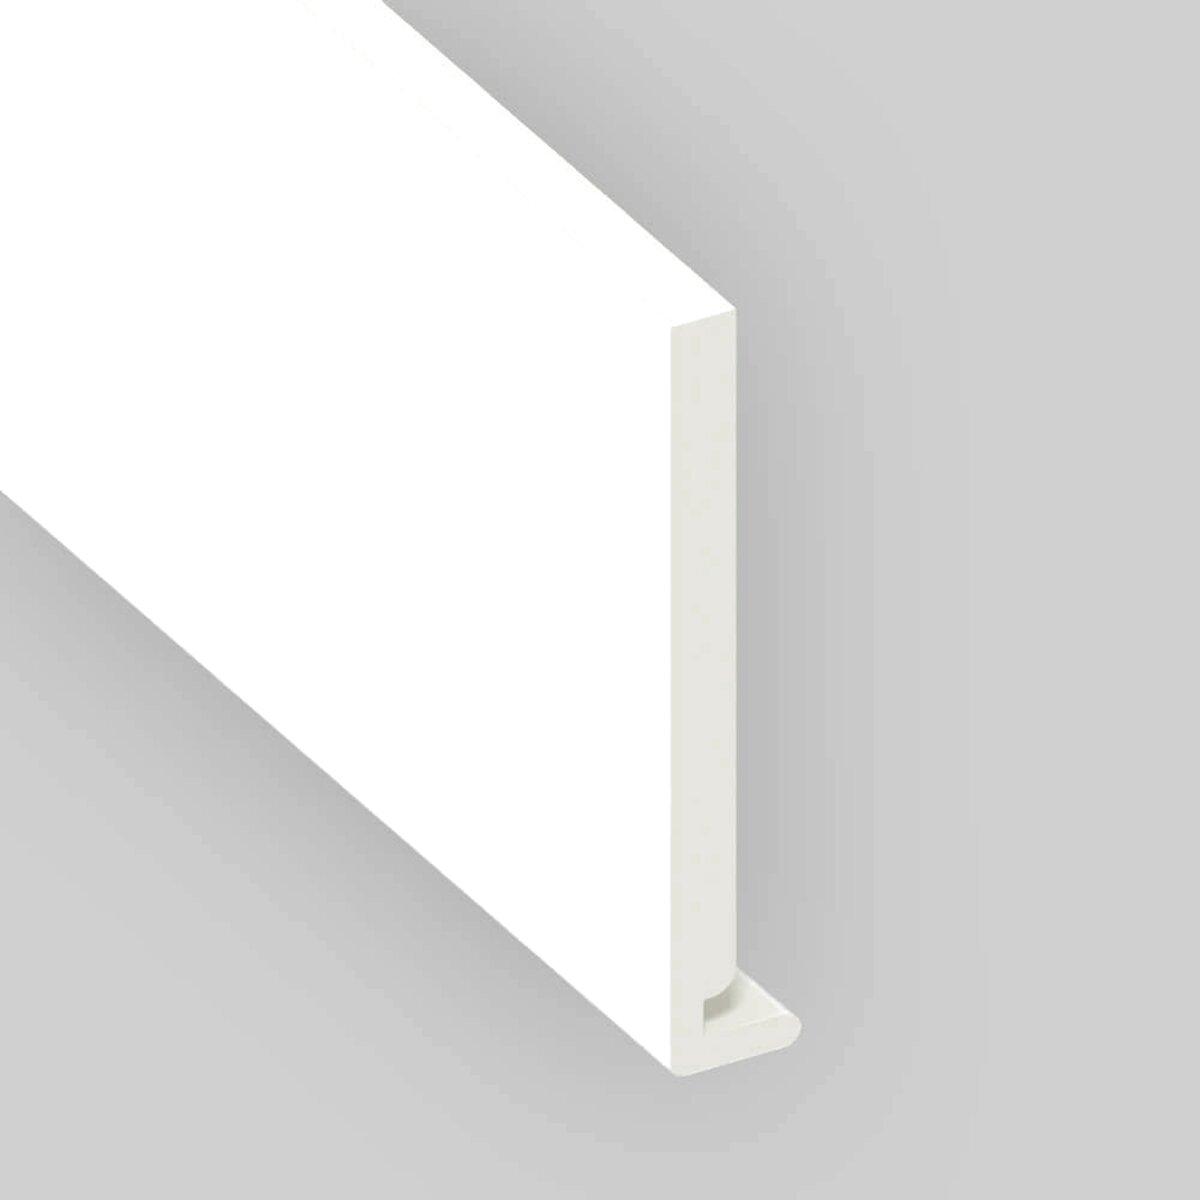 Innovo 2 Metre White 175mm Wide Plastic PVC Window Cill Sill Facia Cover Board